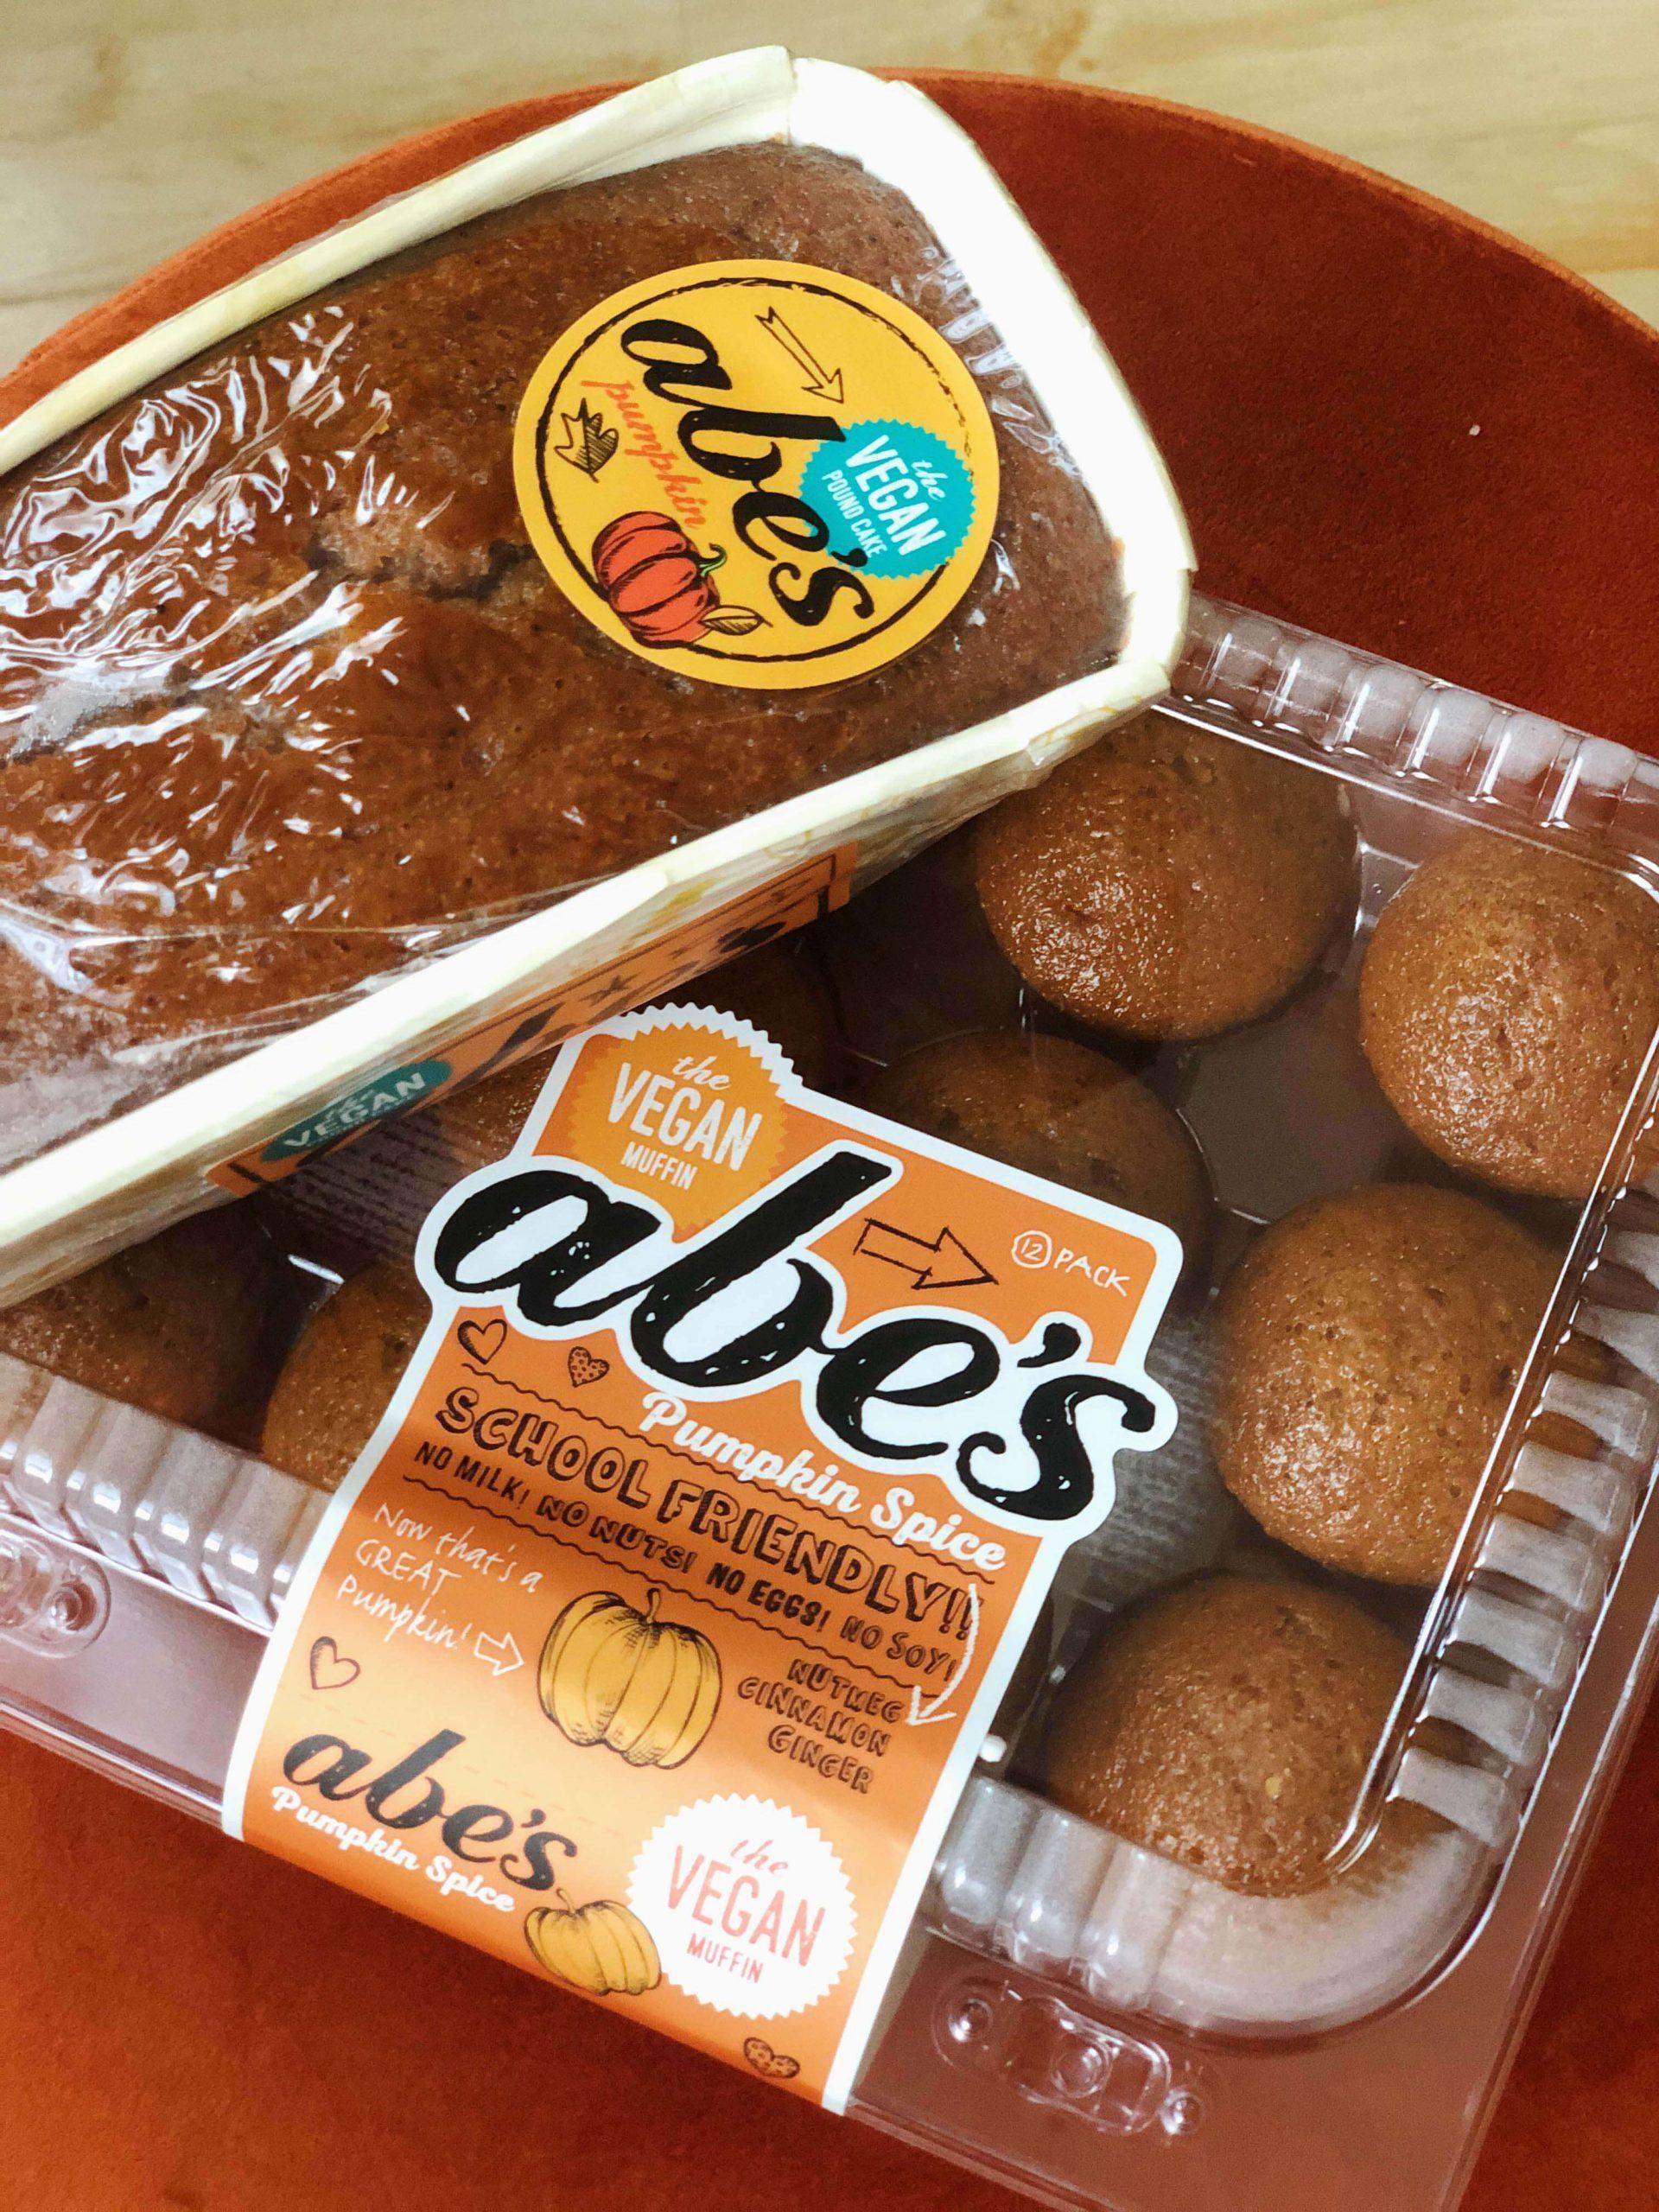 Abe's Muffins